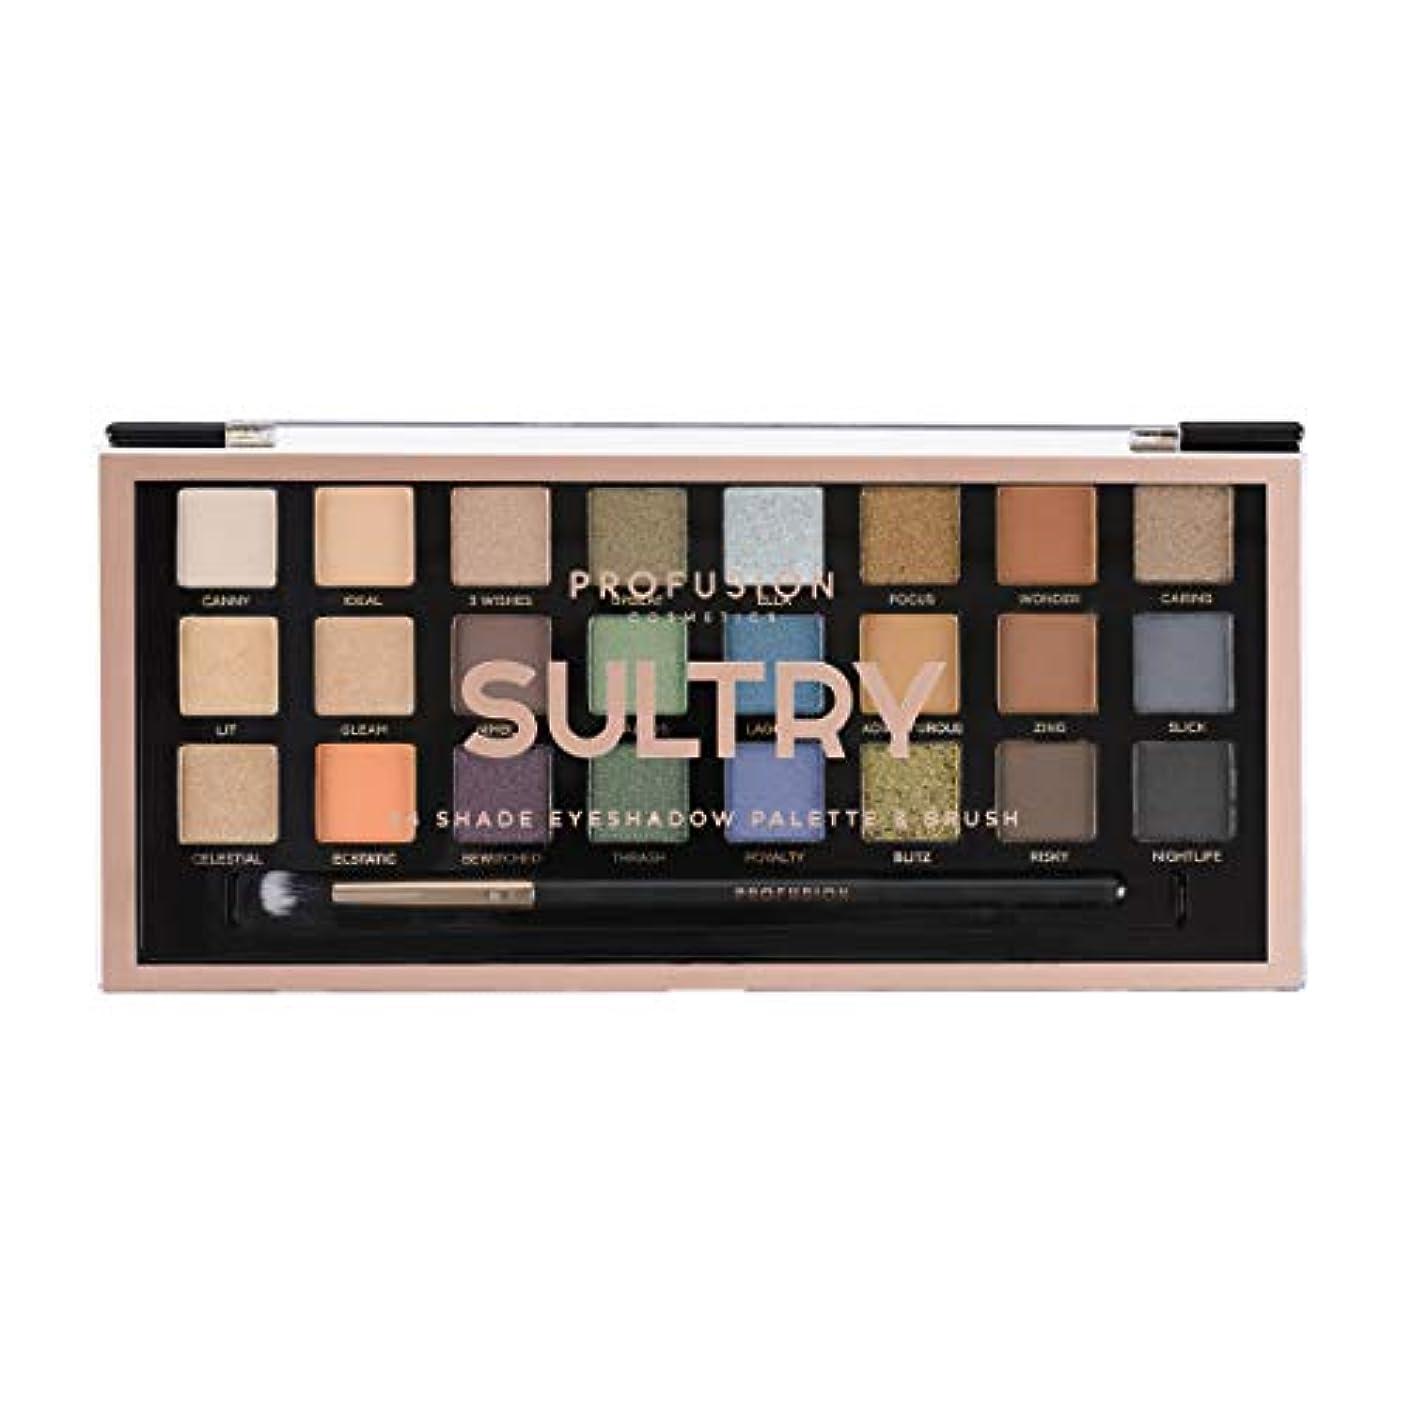 香水それ耐えられないPROFUSION Sultry 24 Shade Eyeshadow Palette & Brush (並行輸入品)